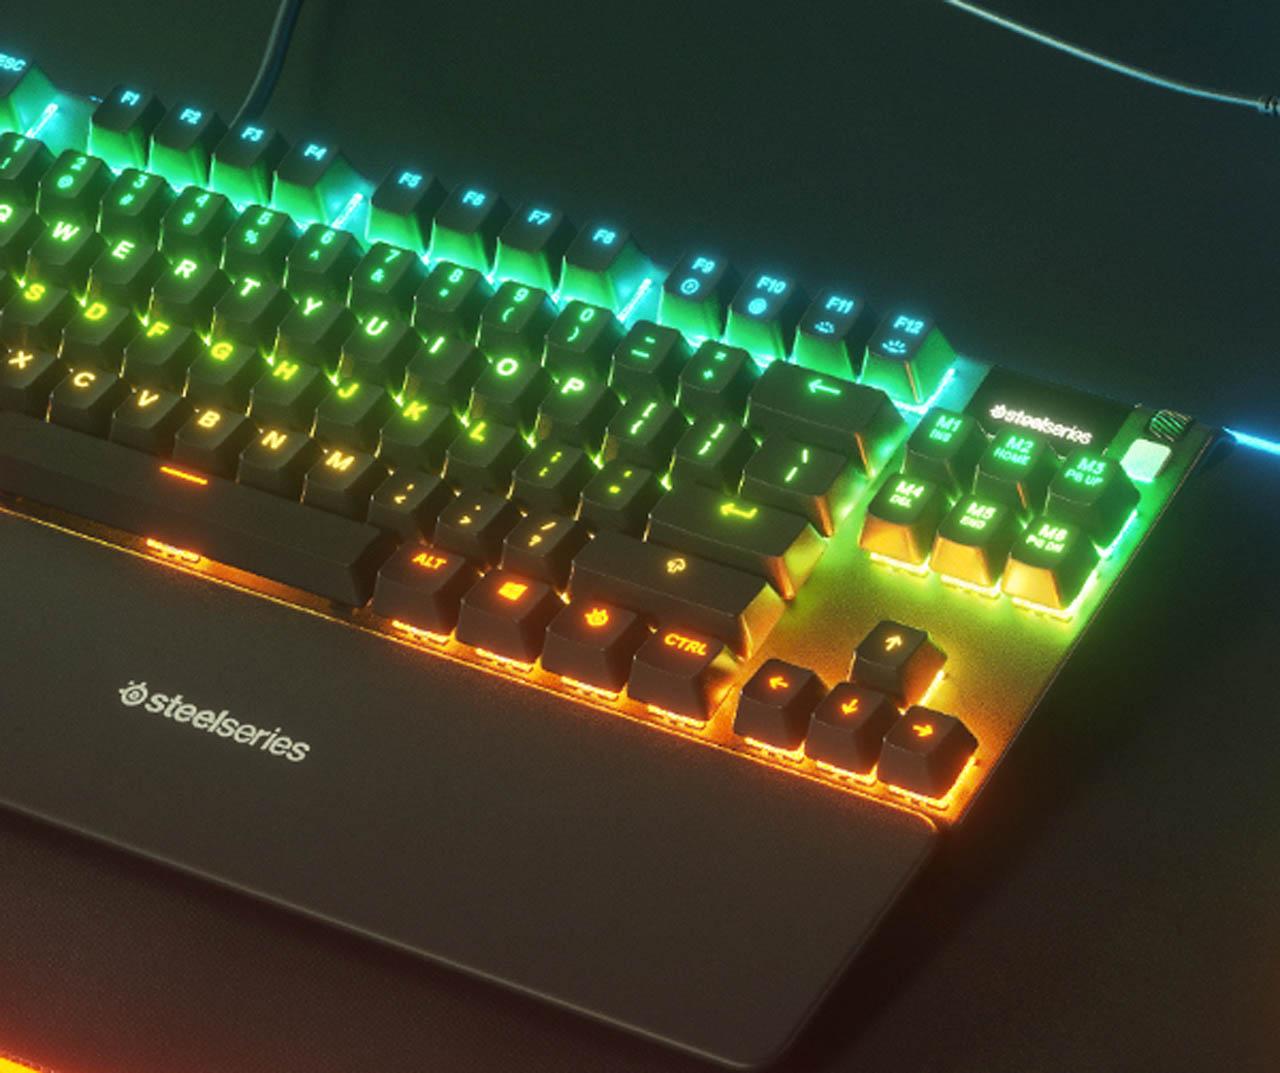 Steelseries Apex 7 TKL Mechanical Keyboard